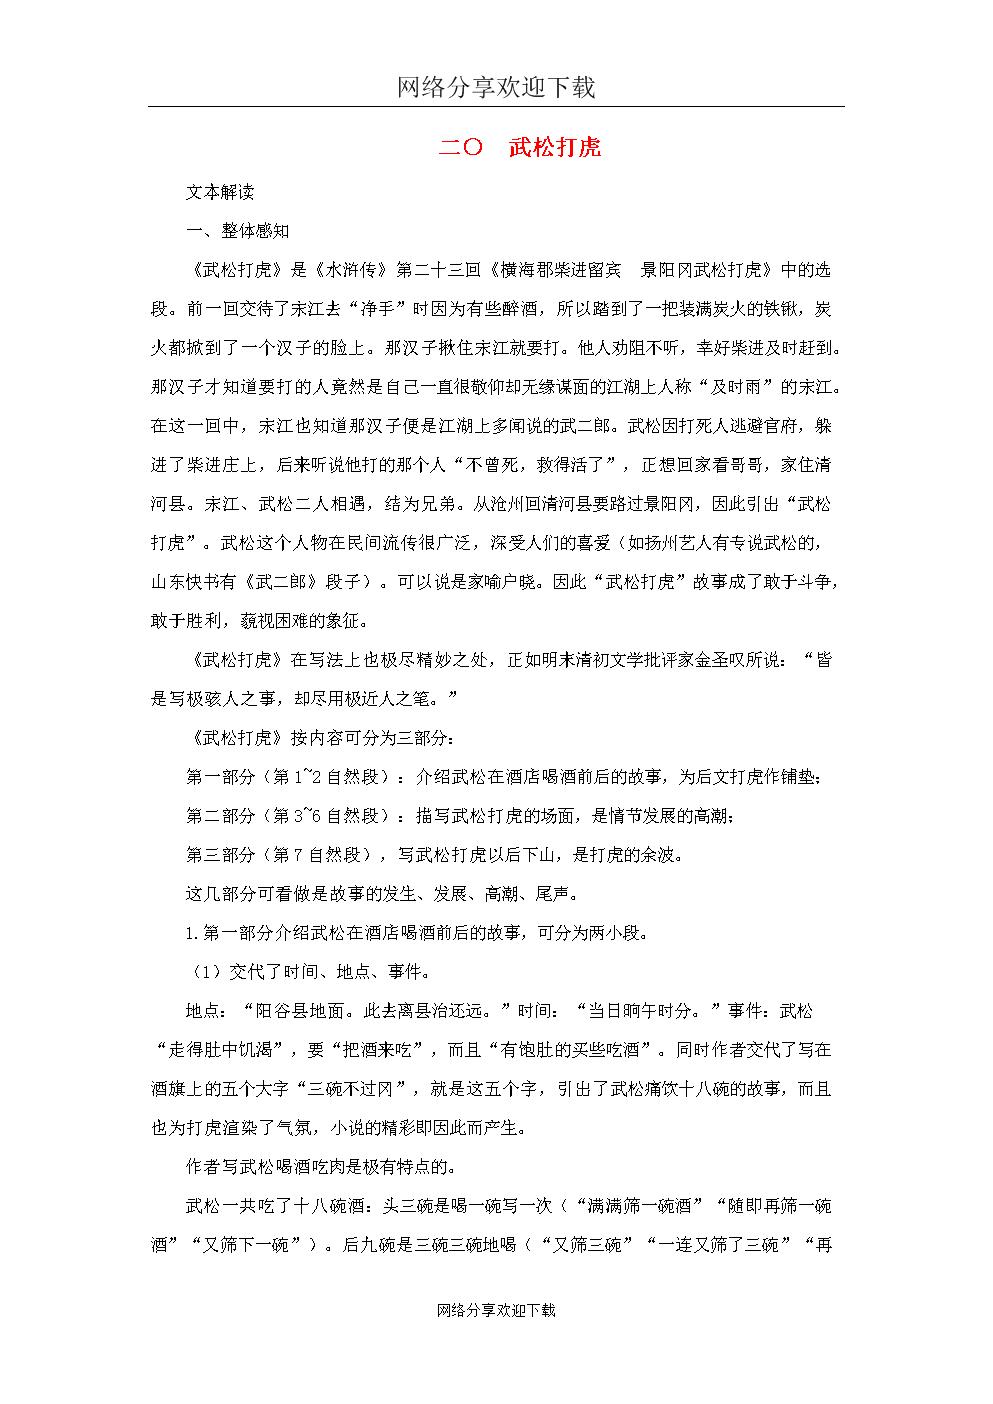 上海五四制语文九年级上册《30武松打虎》教案 (3).doc